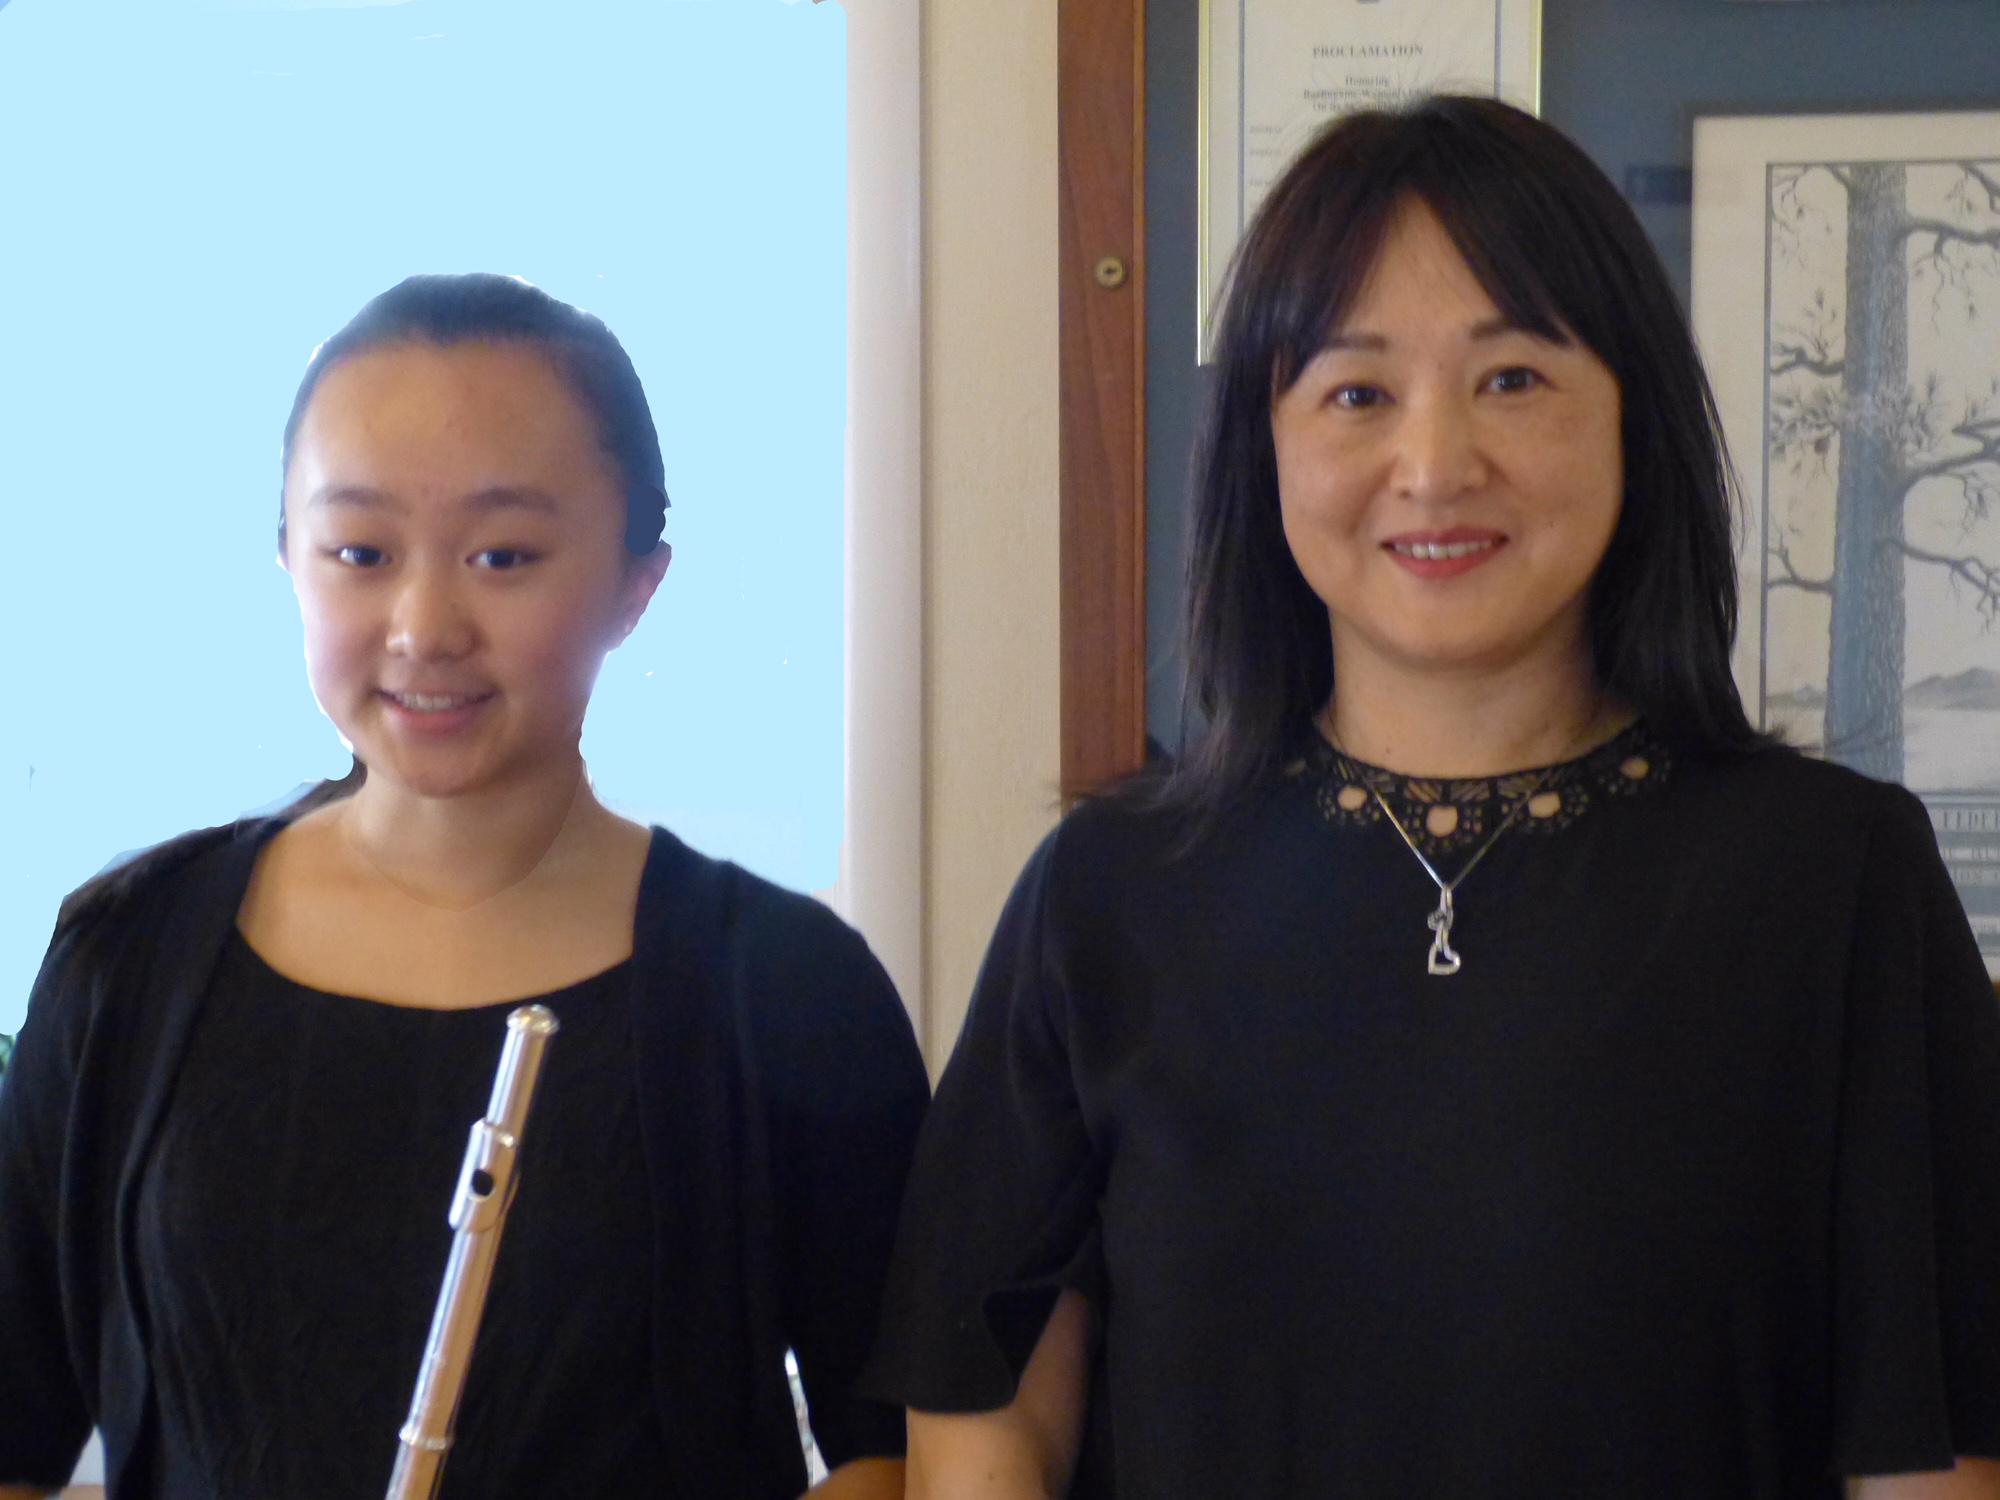 Annie Ping and her accompanist, Hiroko Mizuno